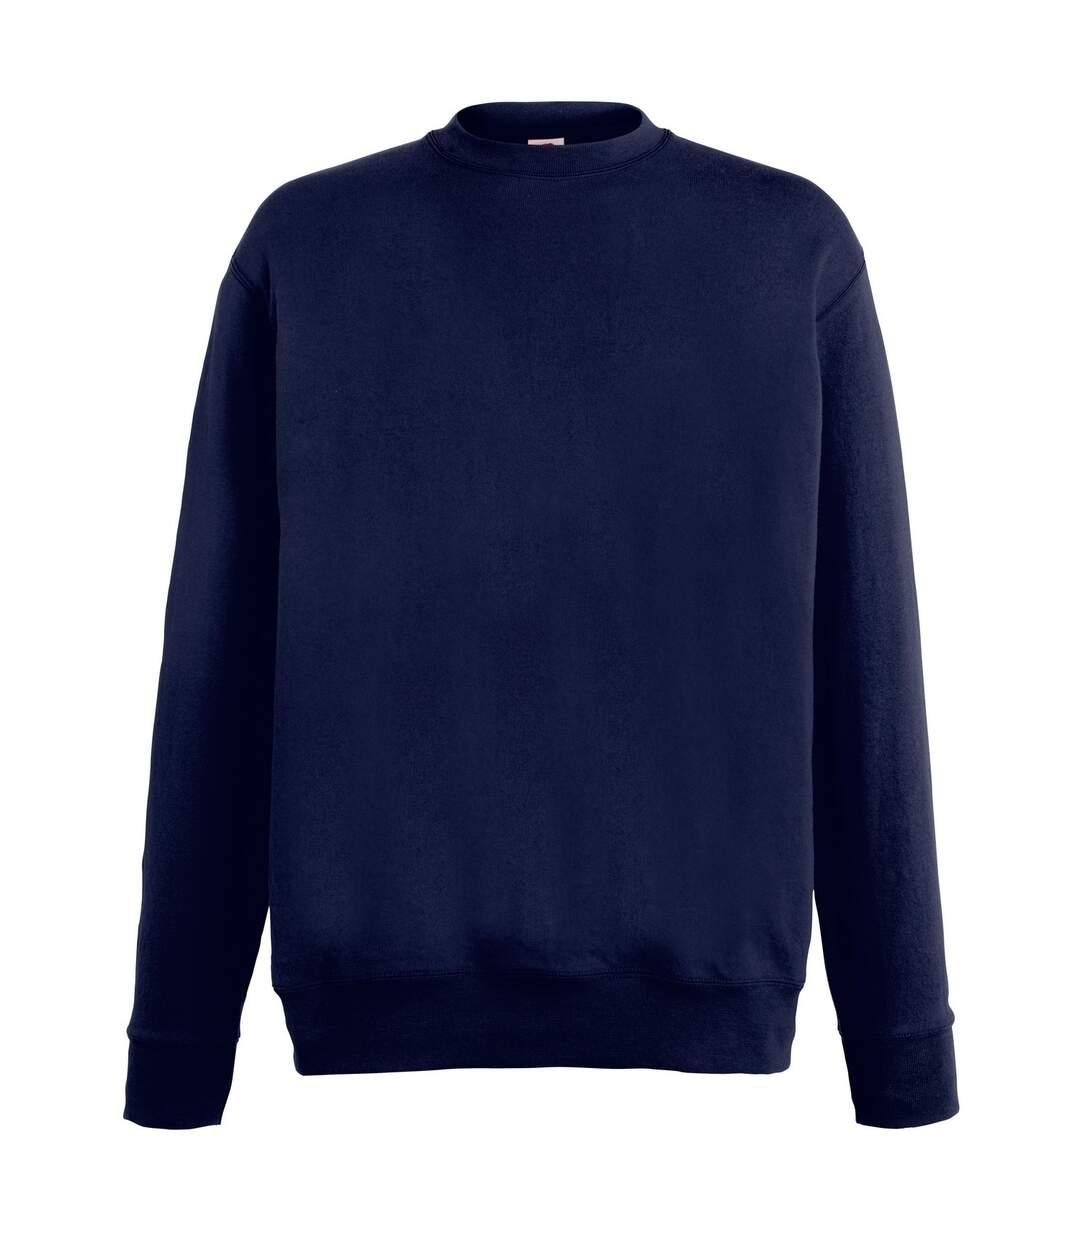 Fruit Of The Loom Mens Lightweight Set-In Sweatshirt (Azure Blue) - UTRW4499